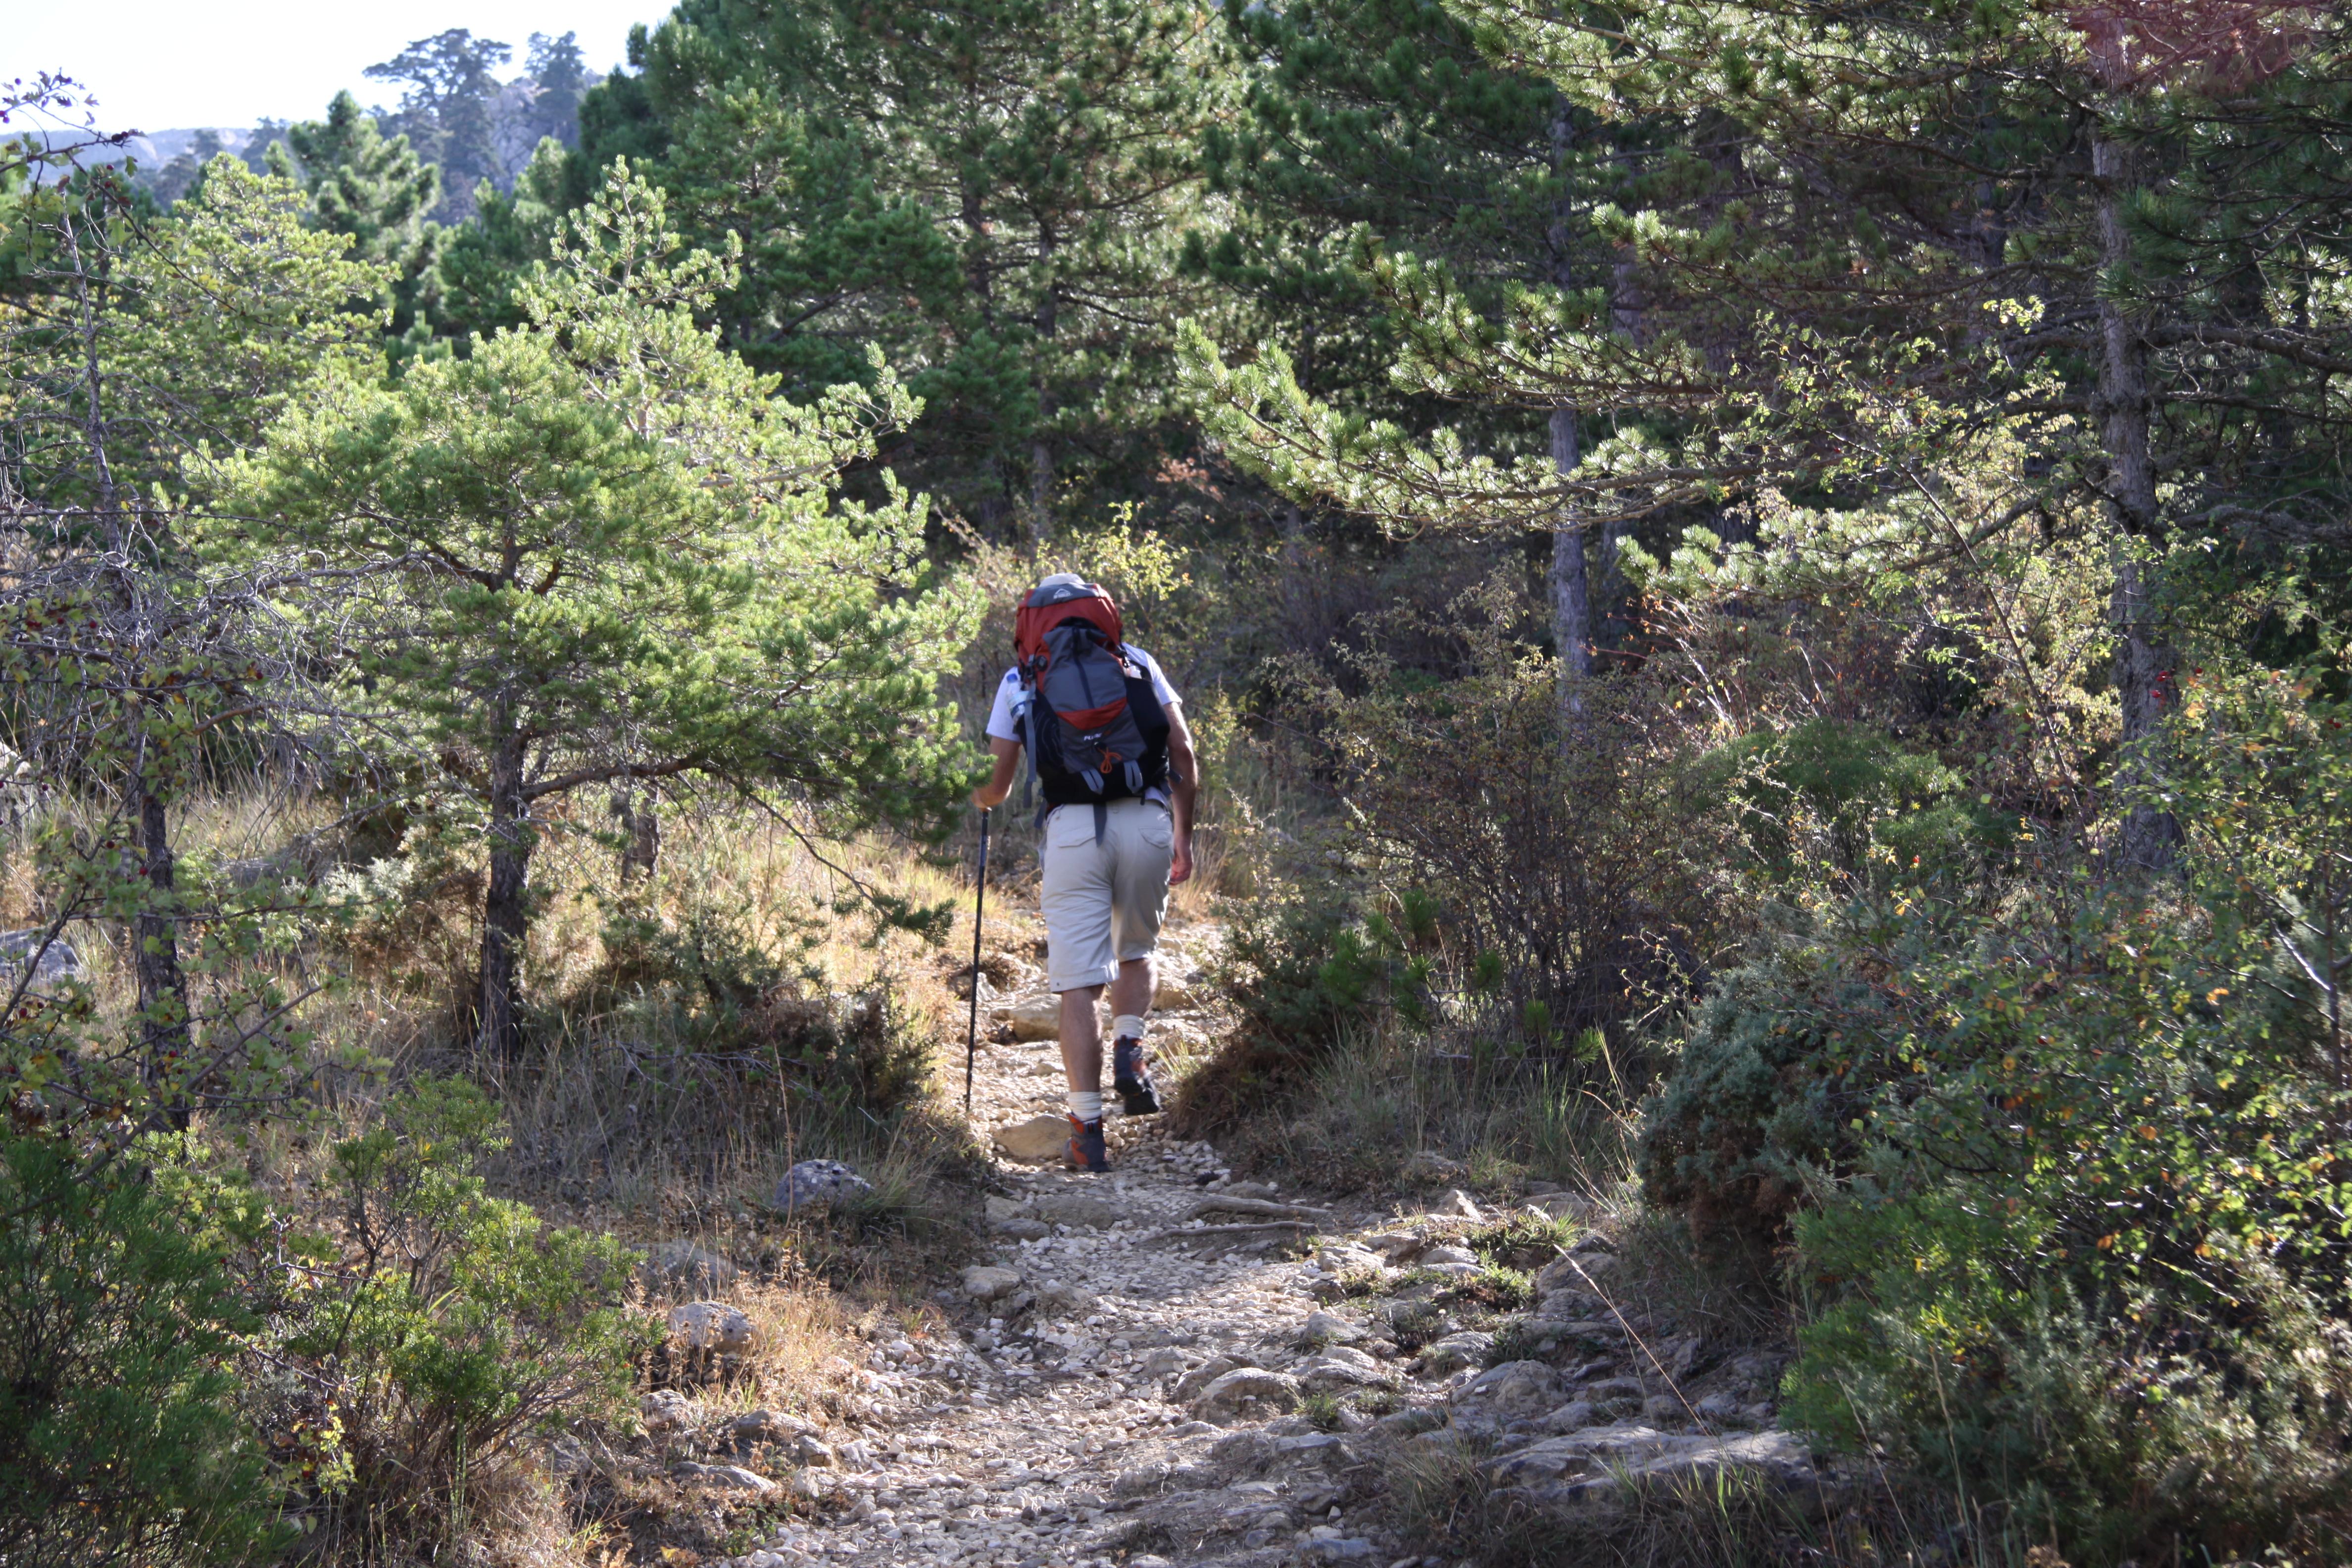 30 percent up la torrecilla, sierra de las nieves www.andrewforbes.com